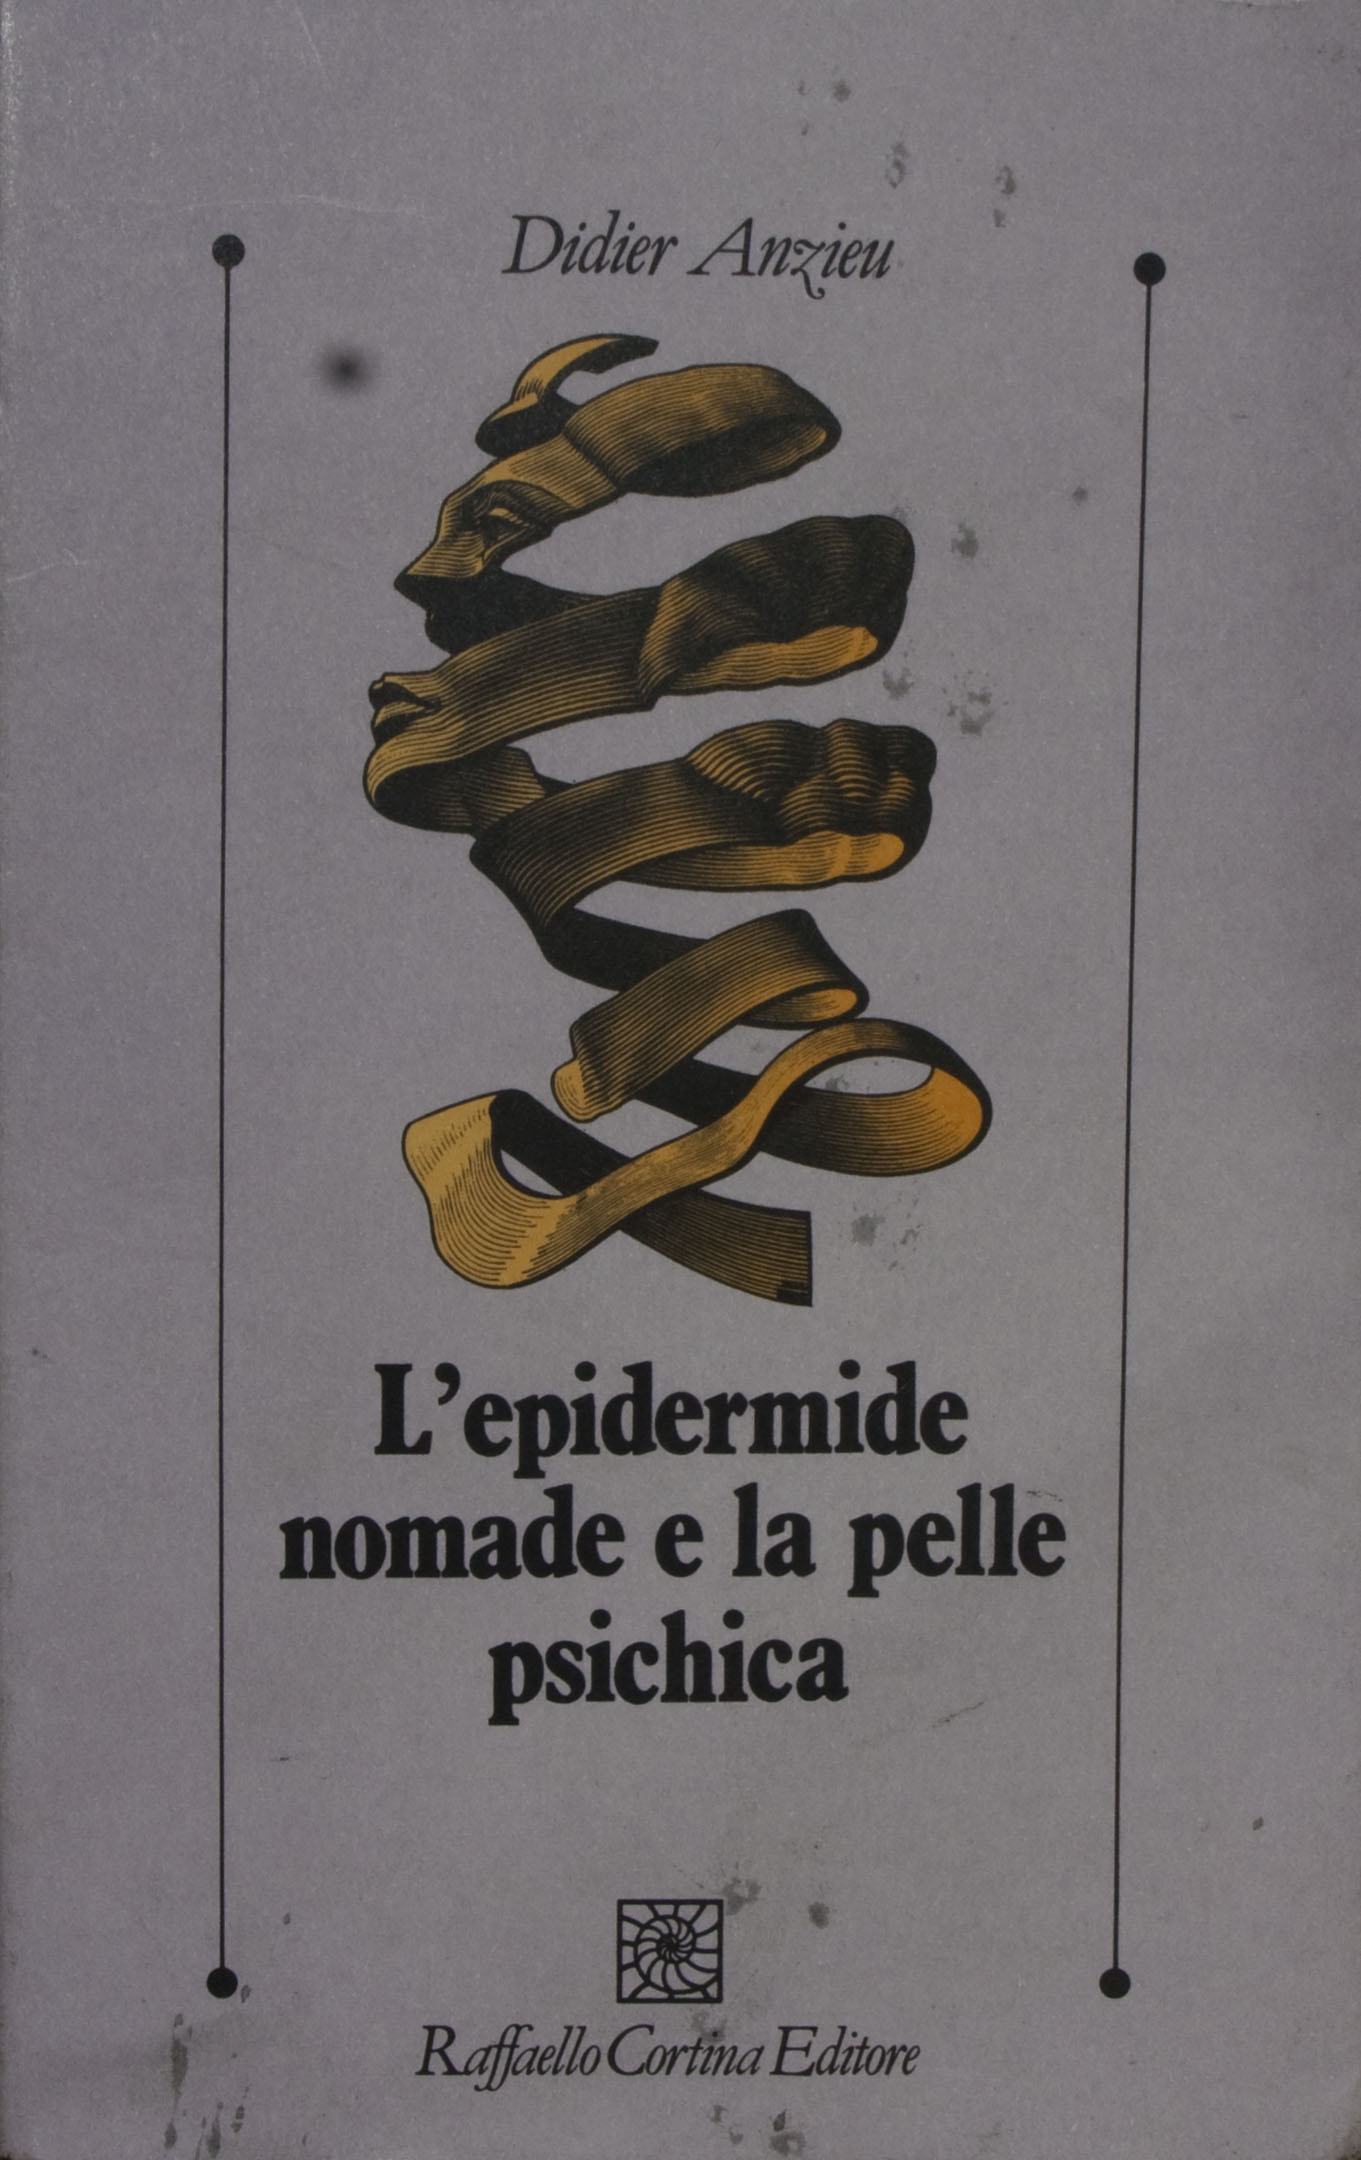 L' epidermide nomade e la pelle psichica